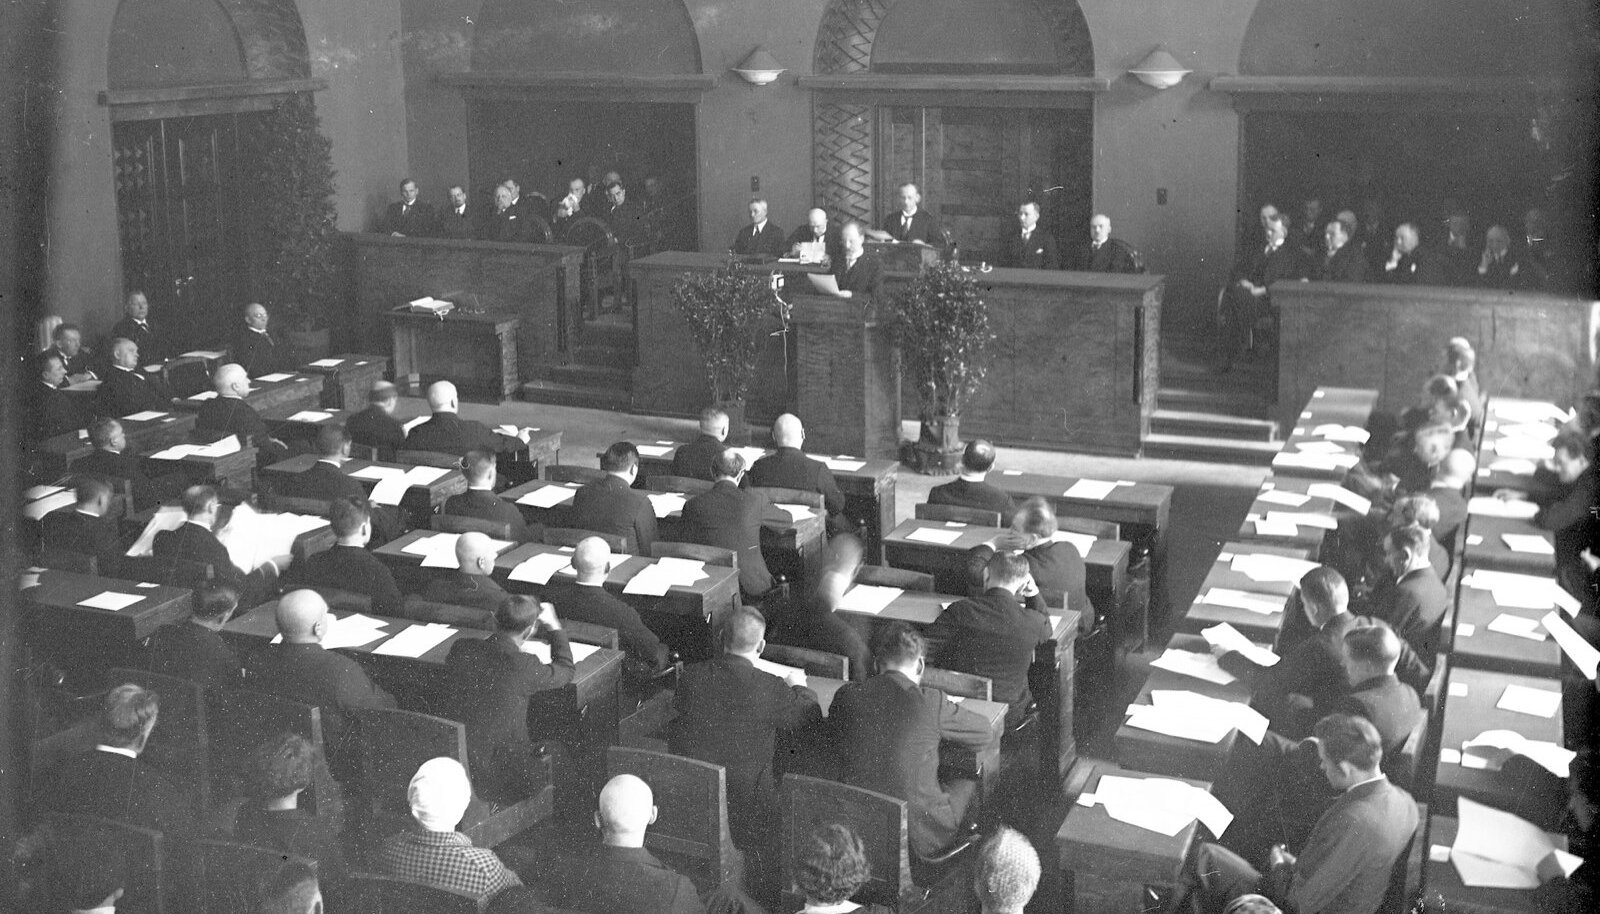 Eesti Vabariigi riigikogu koosolek. Parlamendis oli palju erakondi, mistõttu purunesid valitsuskoalitsioonid päris tihti: 13 aasta jooksul oli võimul 17 valitsust.